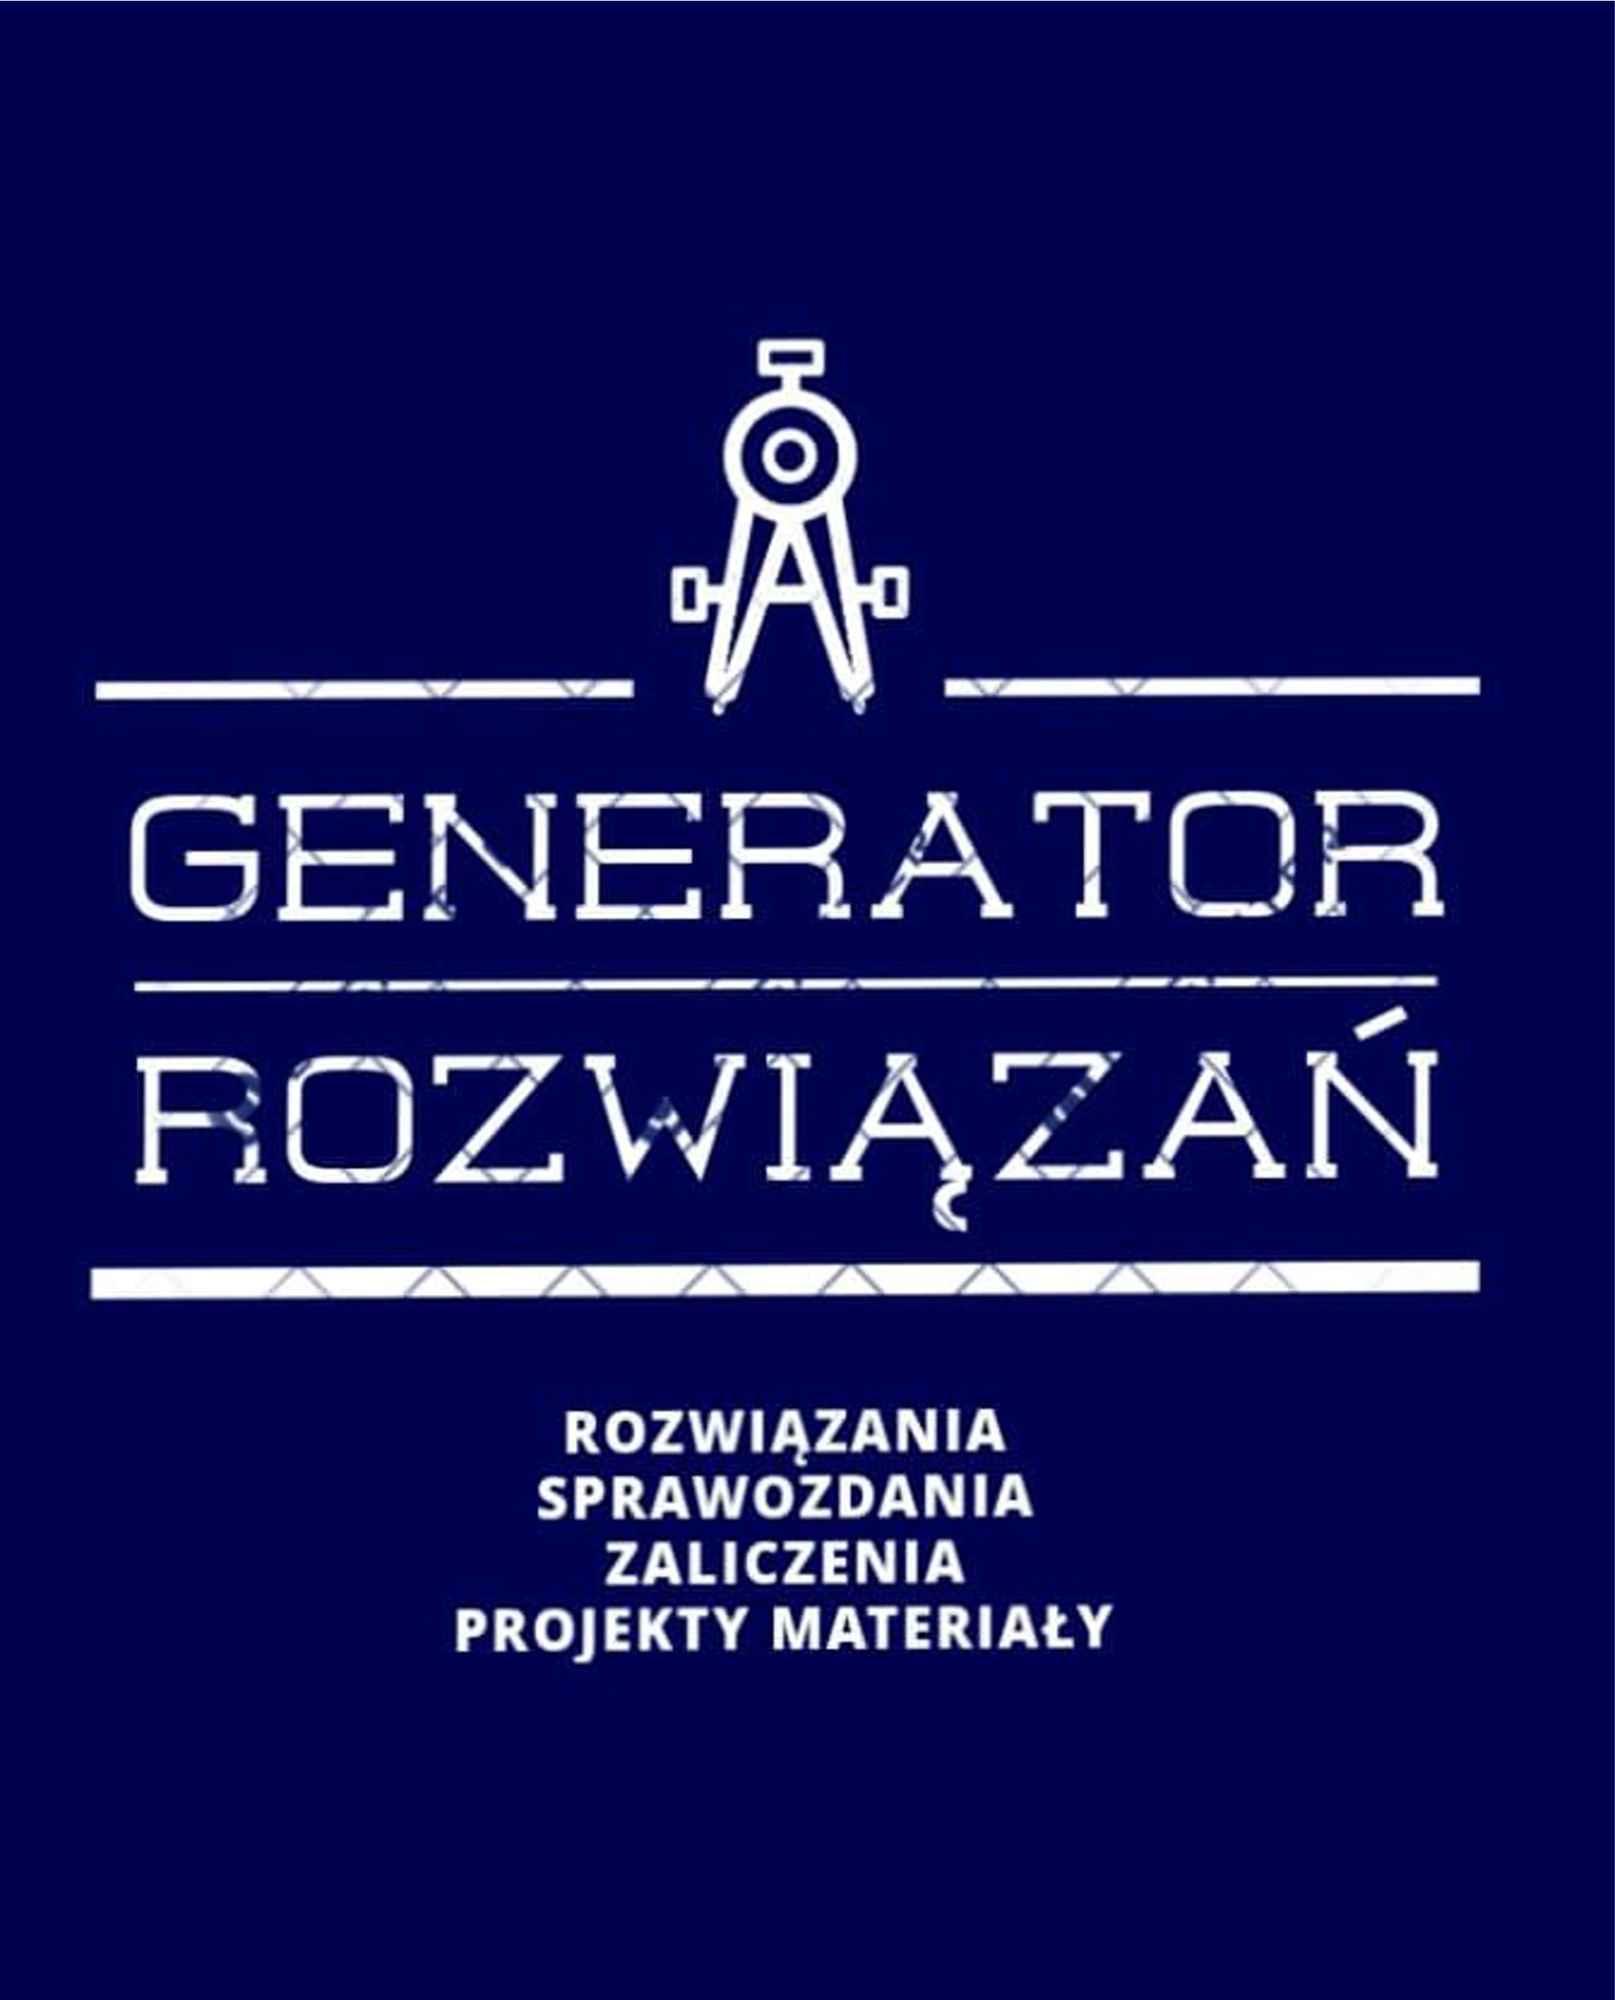 Sprawozdania, projekty, prace zaliczeniowe!! - Generator Rozwiązań Śródmieście - zdjęcie 8